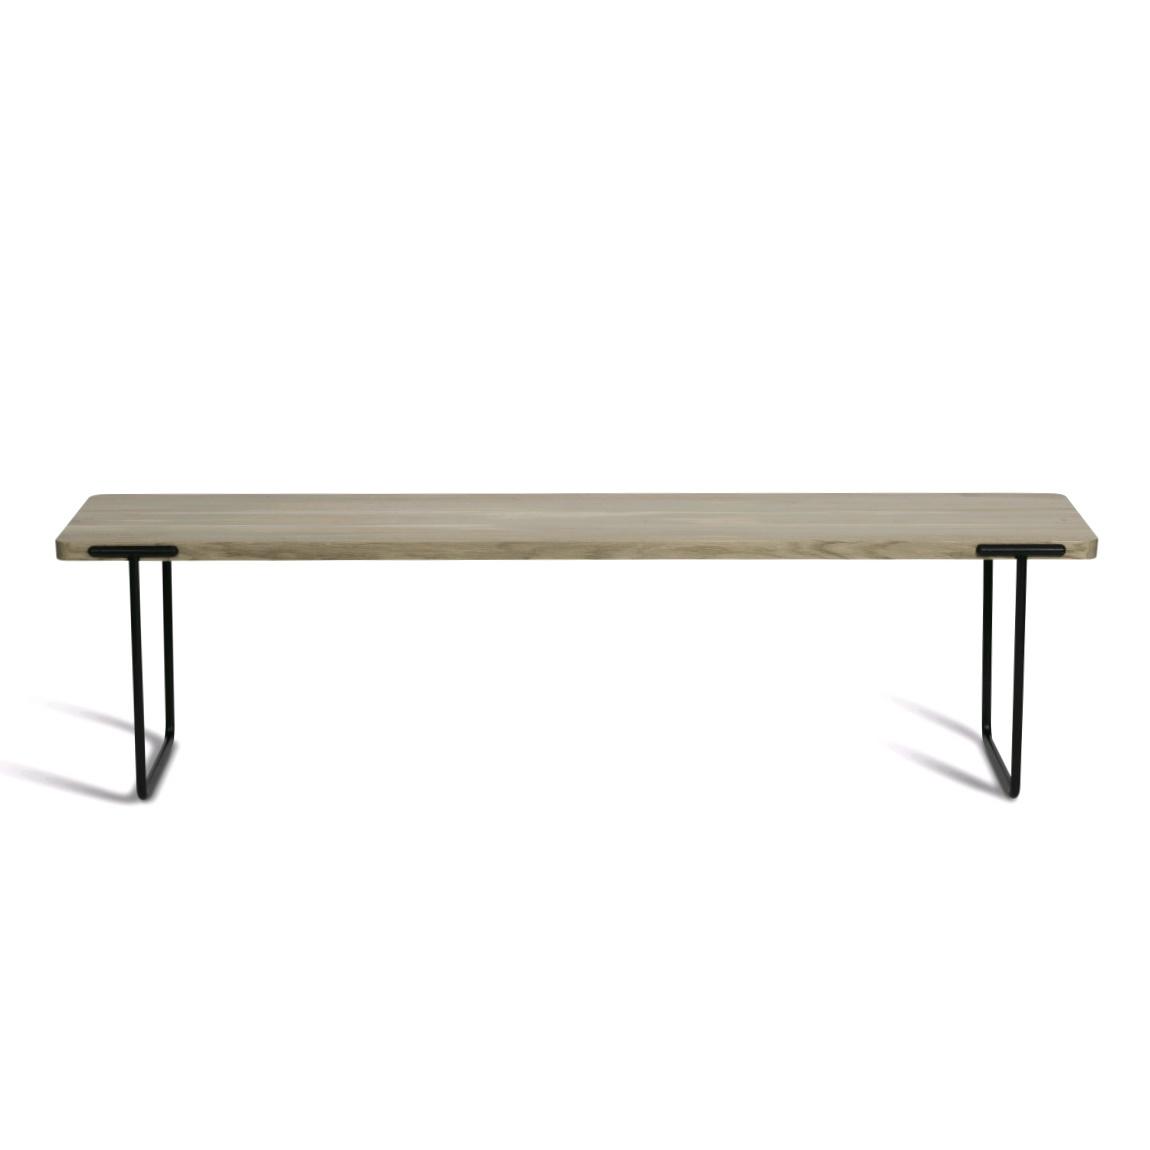 Avlångt soffbord 160 cm  ek, Mavis